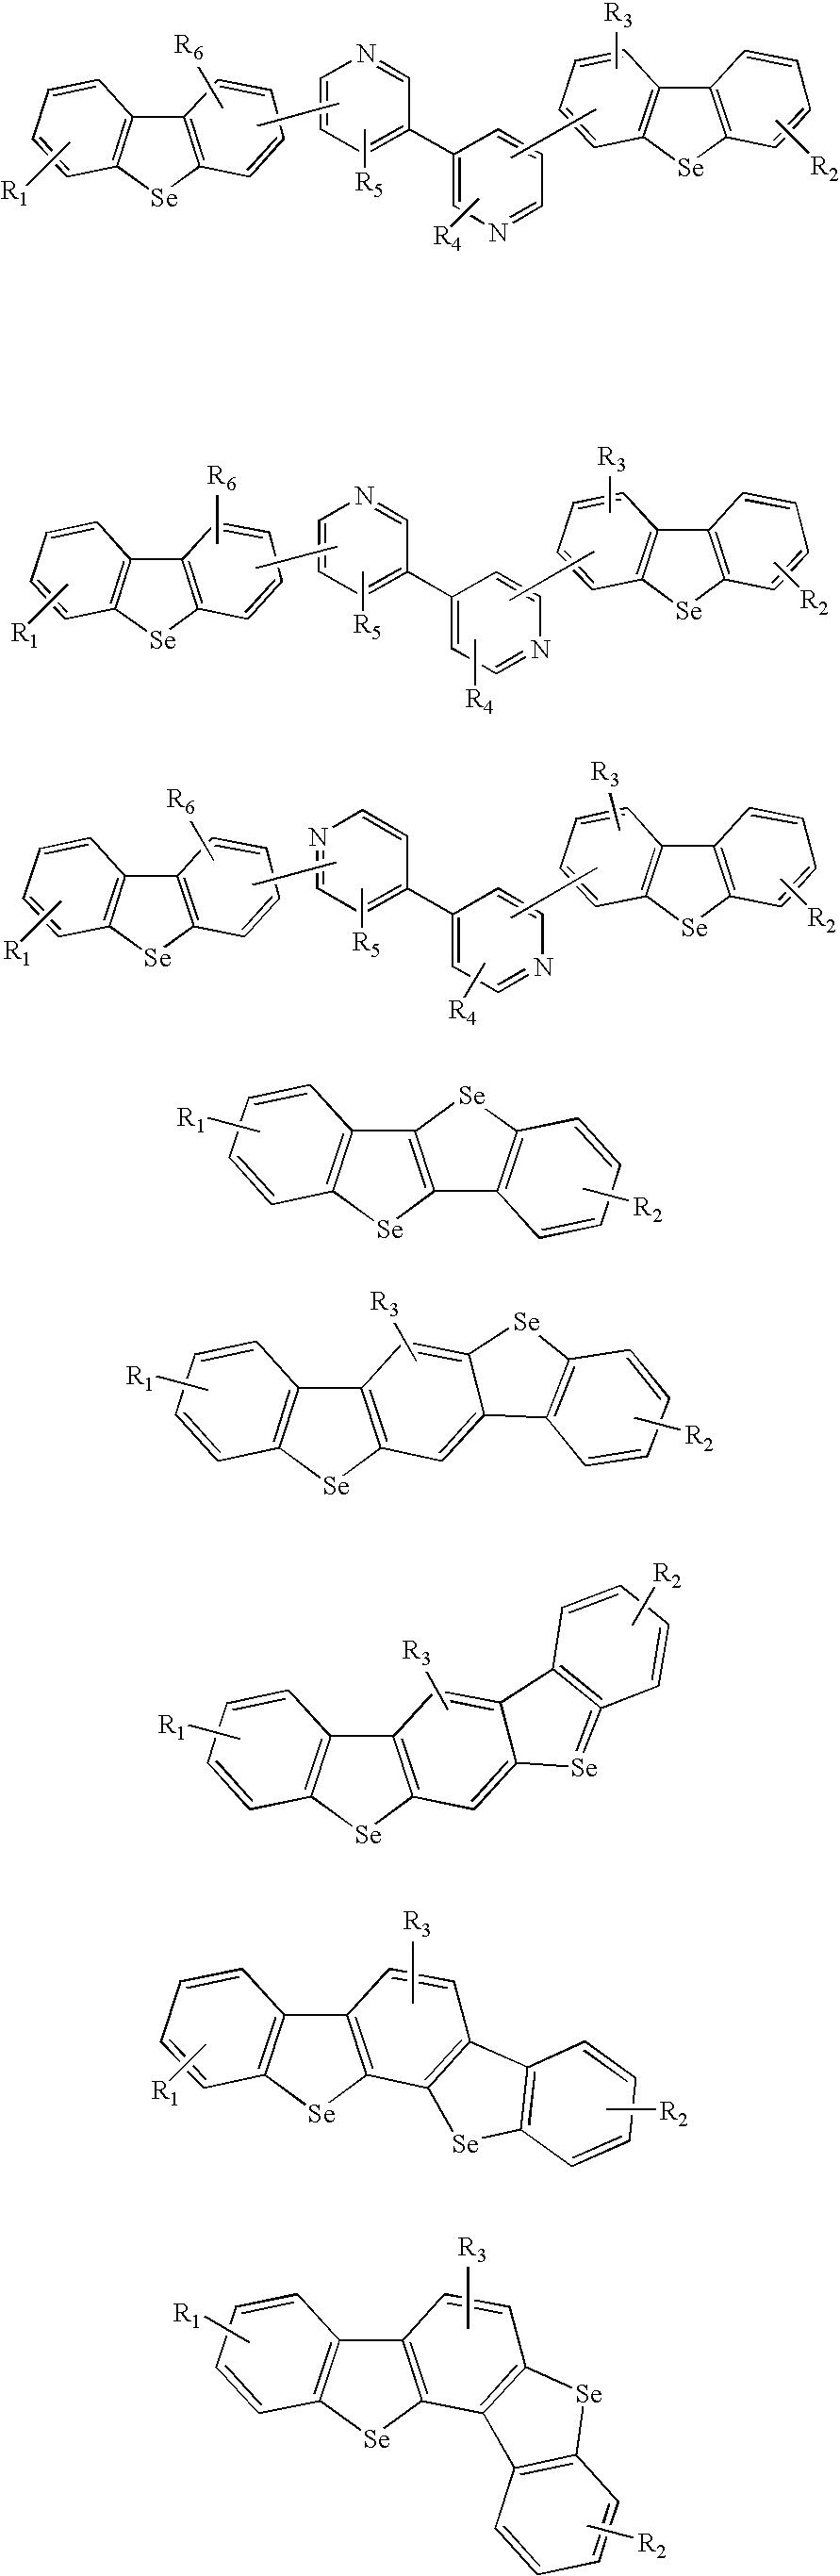 Figure US20100072887A1-20100325-C00231